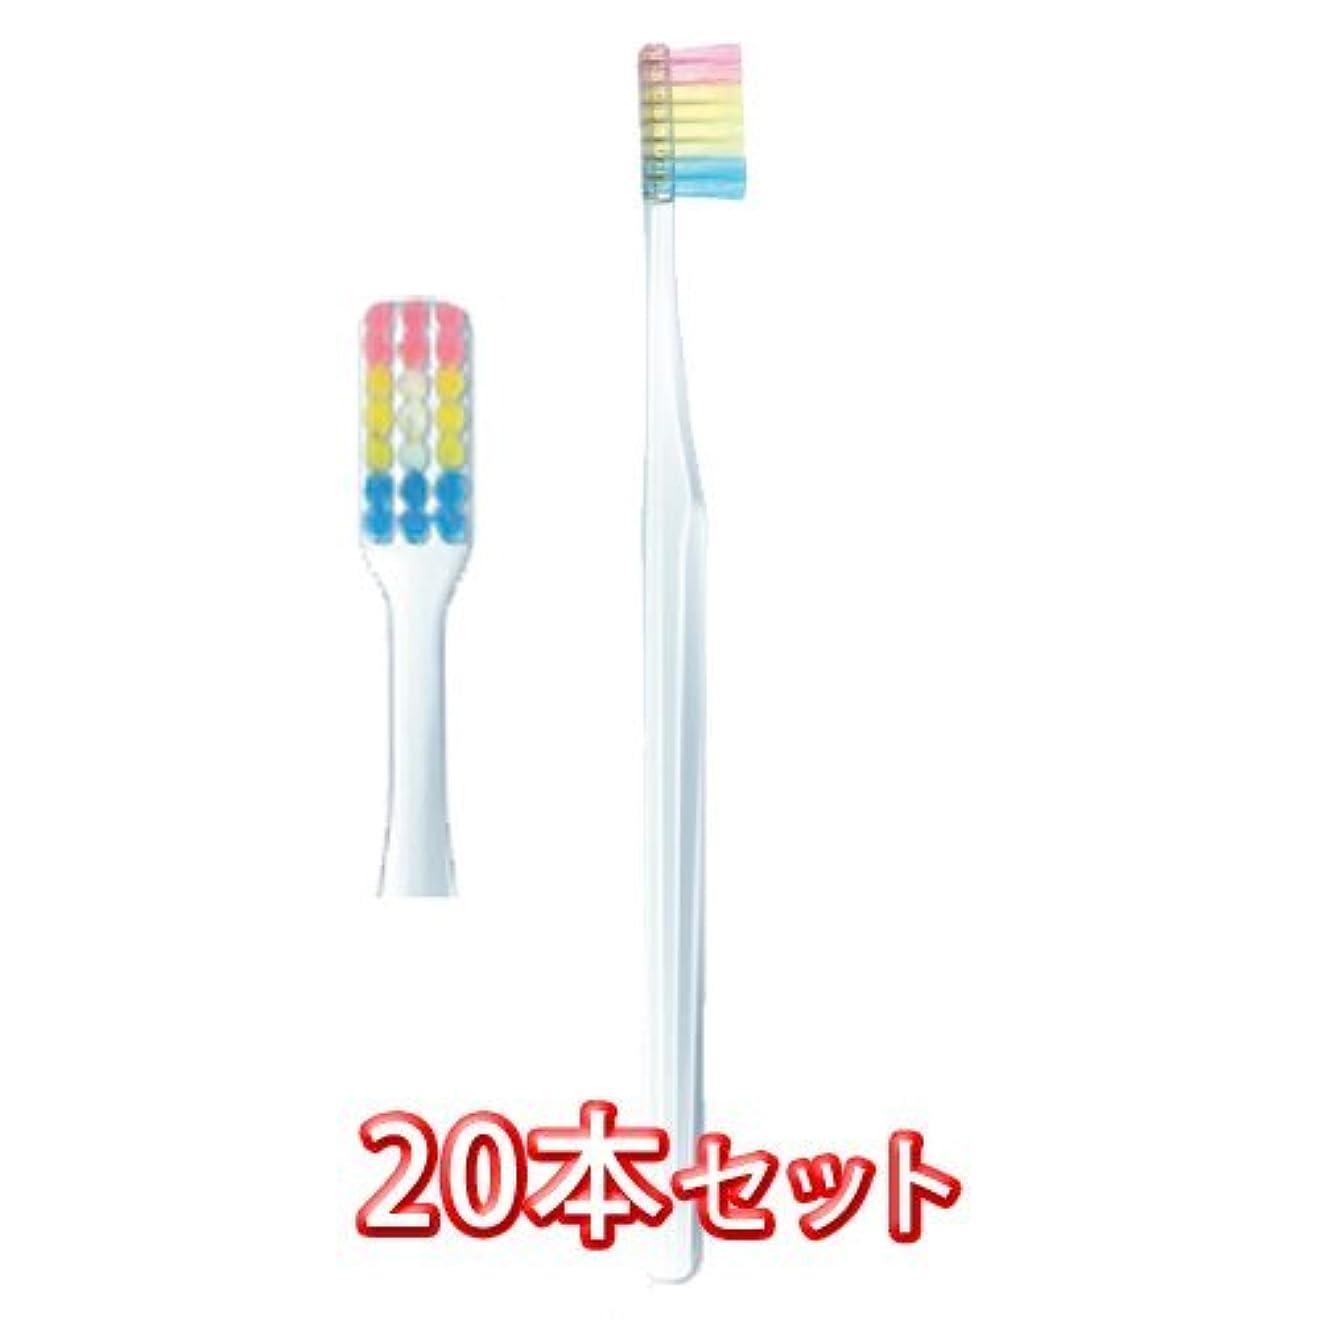 洗練百ケントプロスペック 歯ブラシ ヤング 20本入 フォーレッスン 毛の硬さふつう